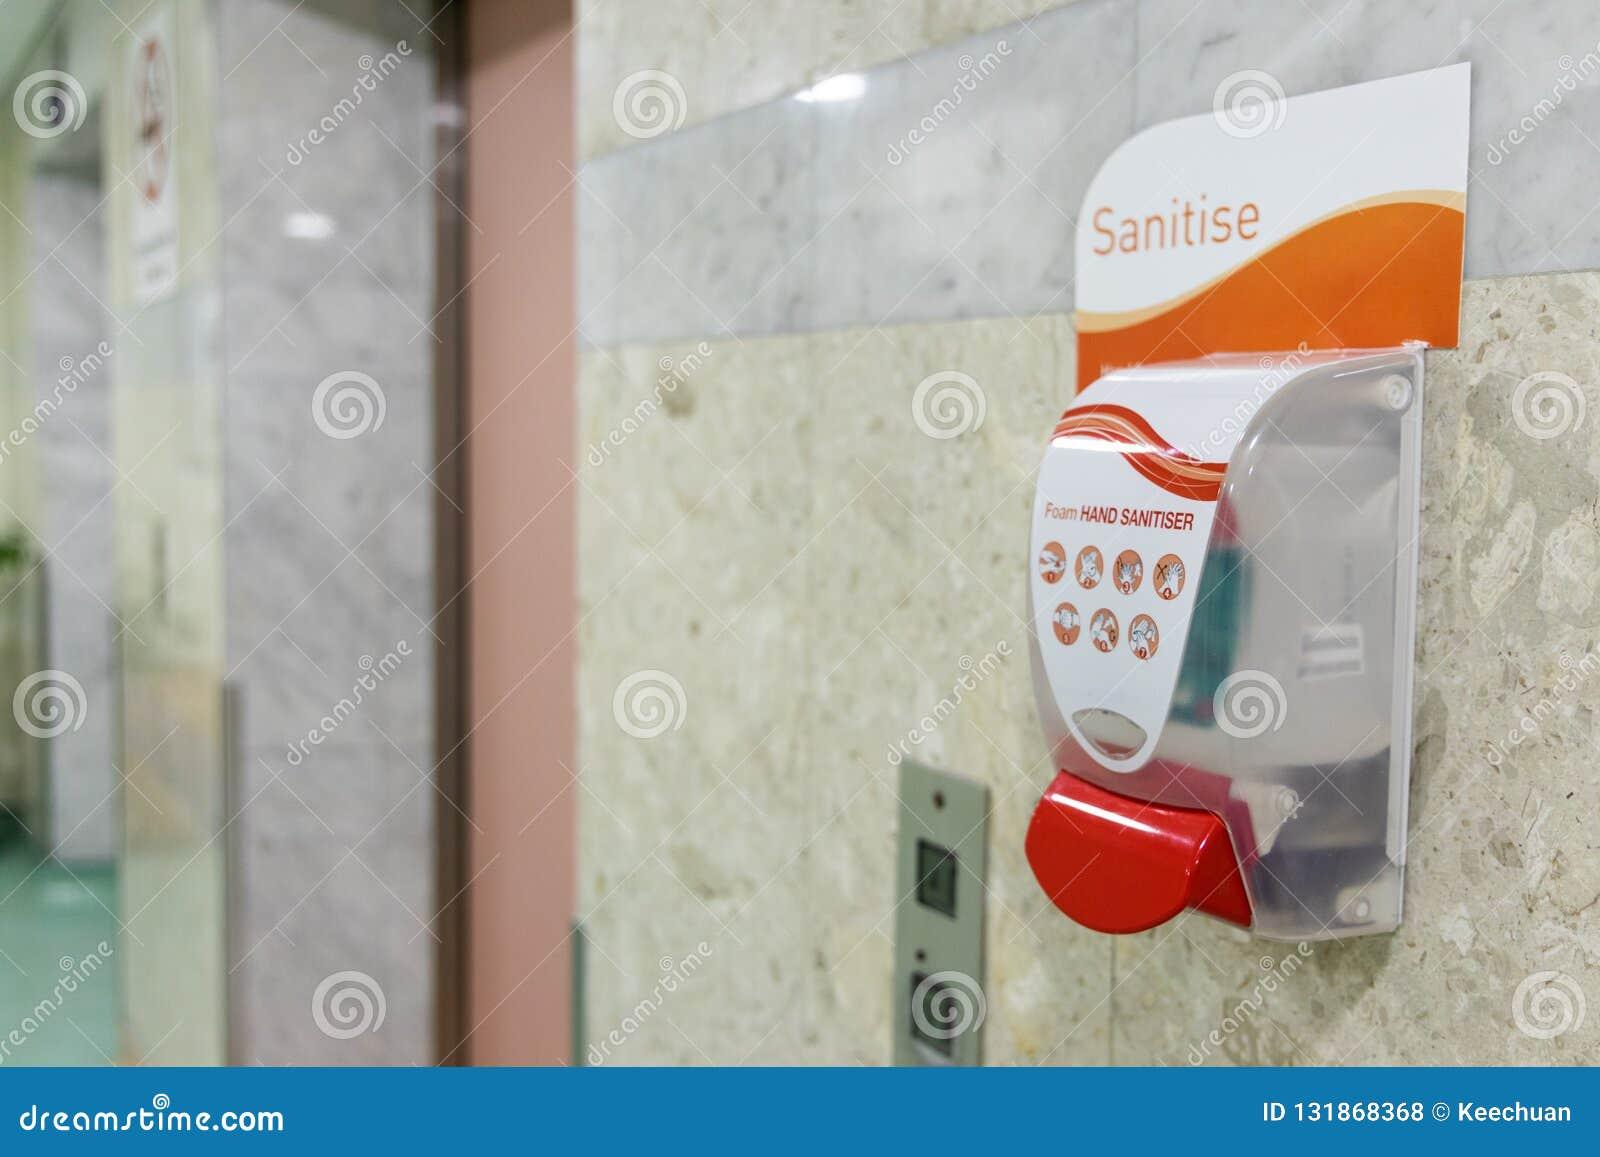 Public hand disinfectant sanitizer dispenser available public am